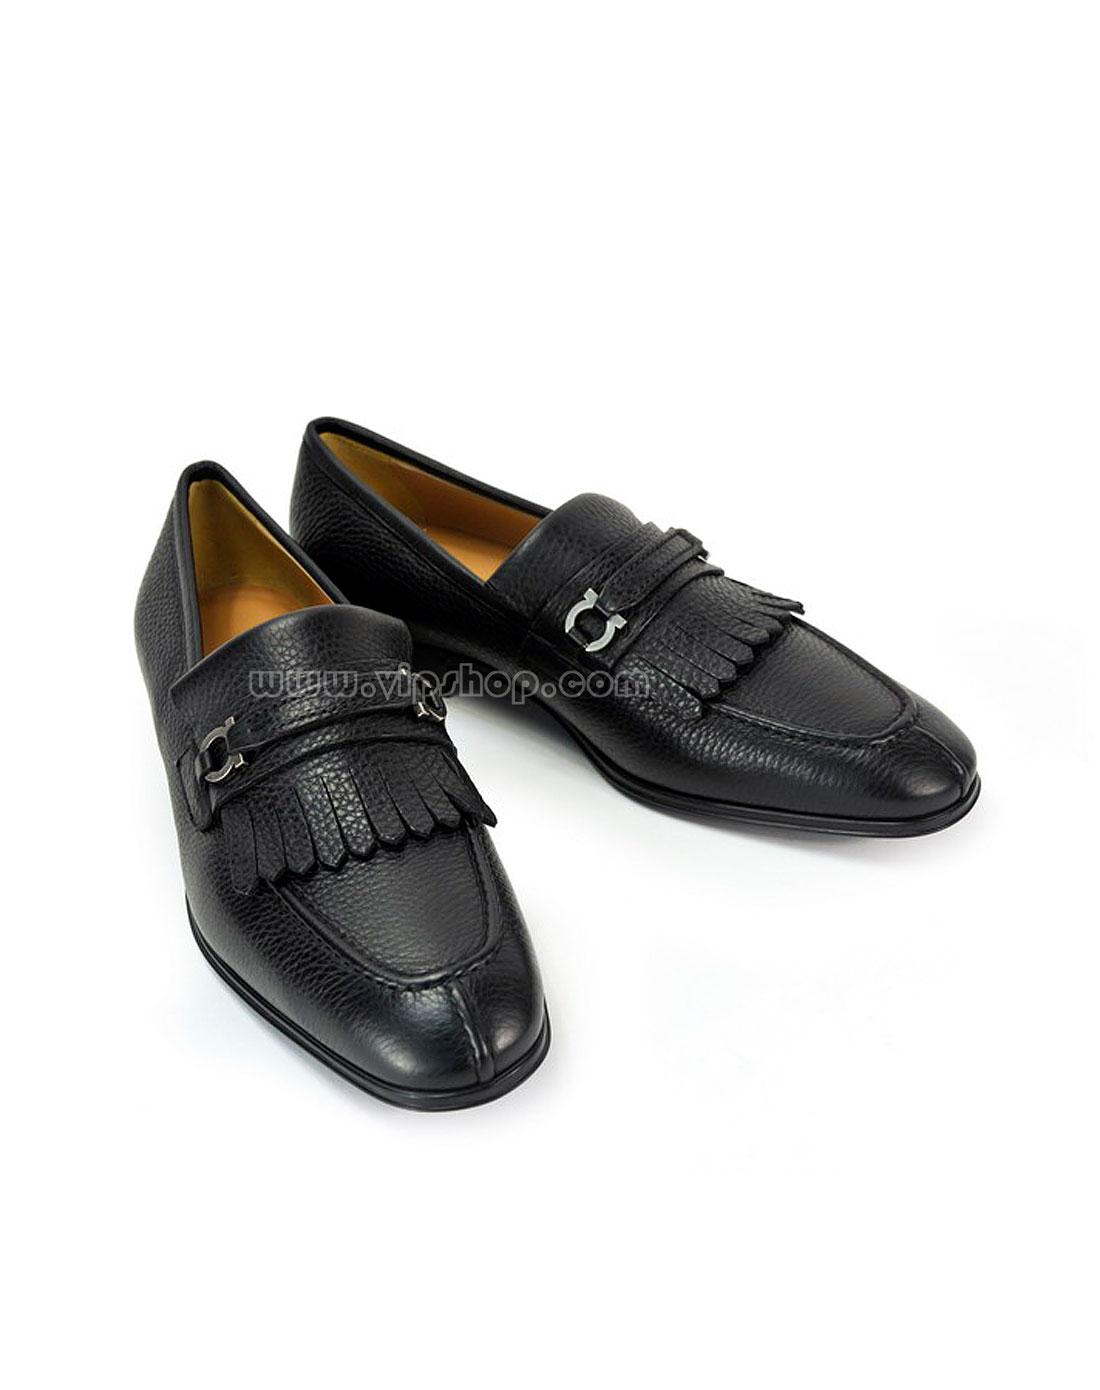 菲拉格慕男式鞋